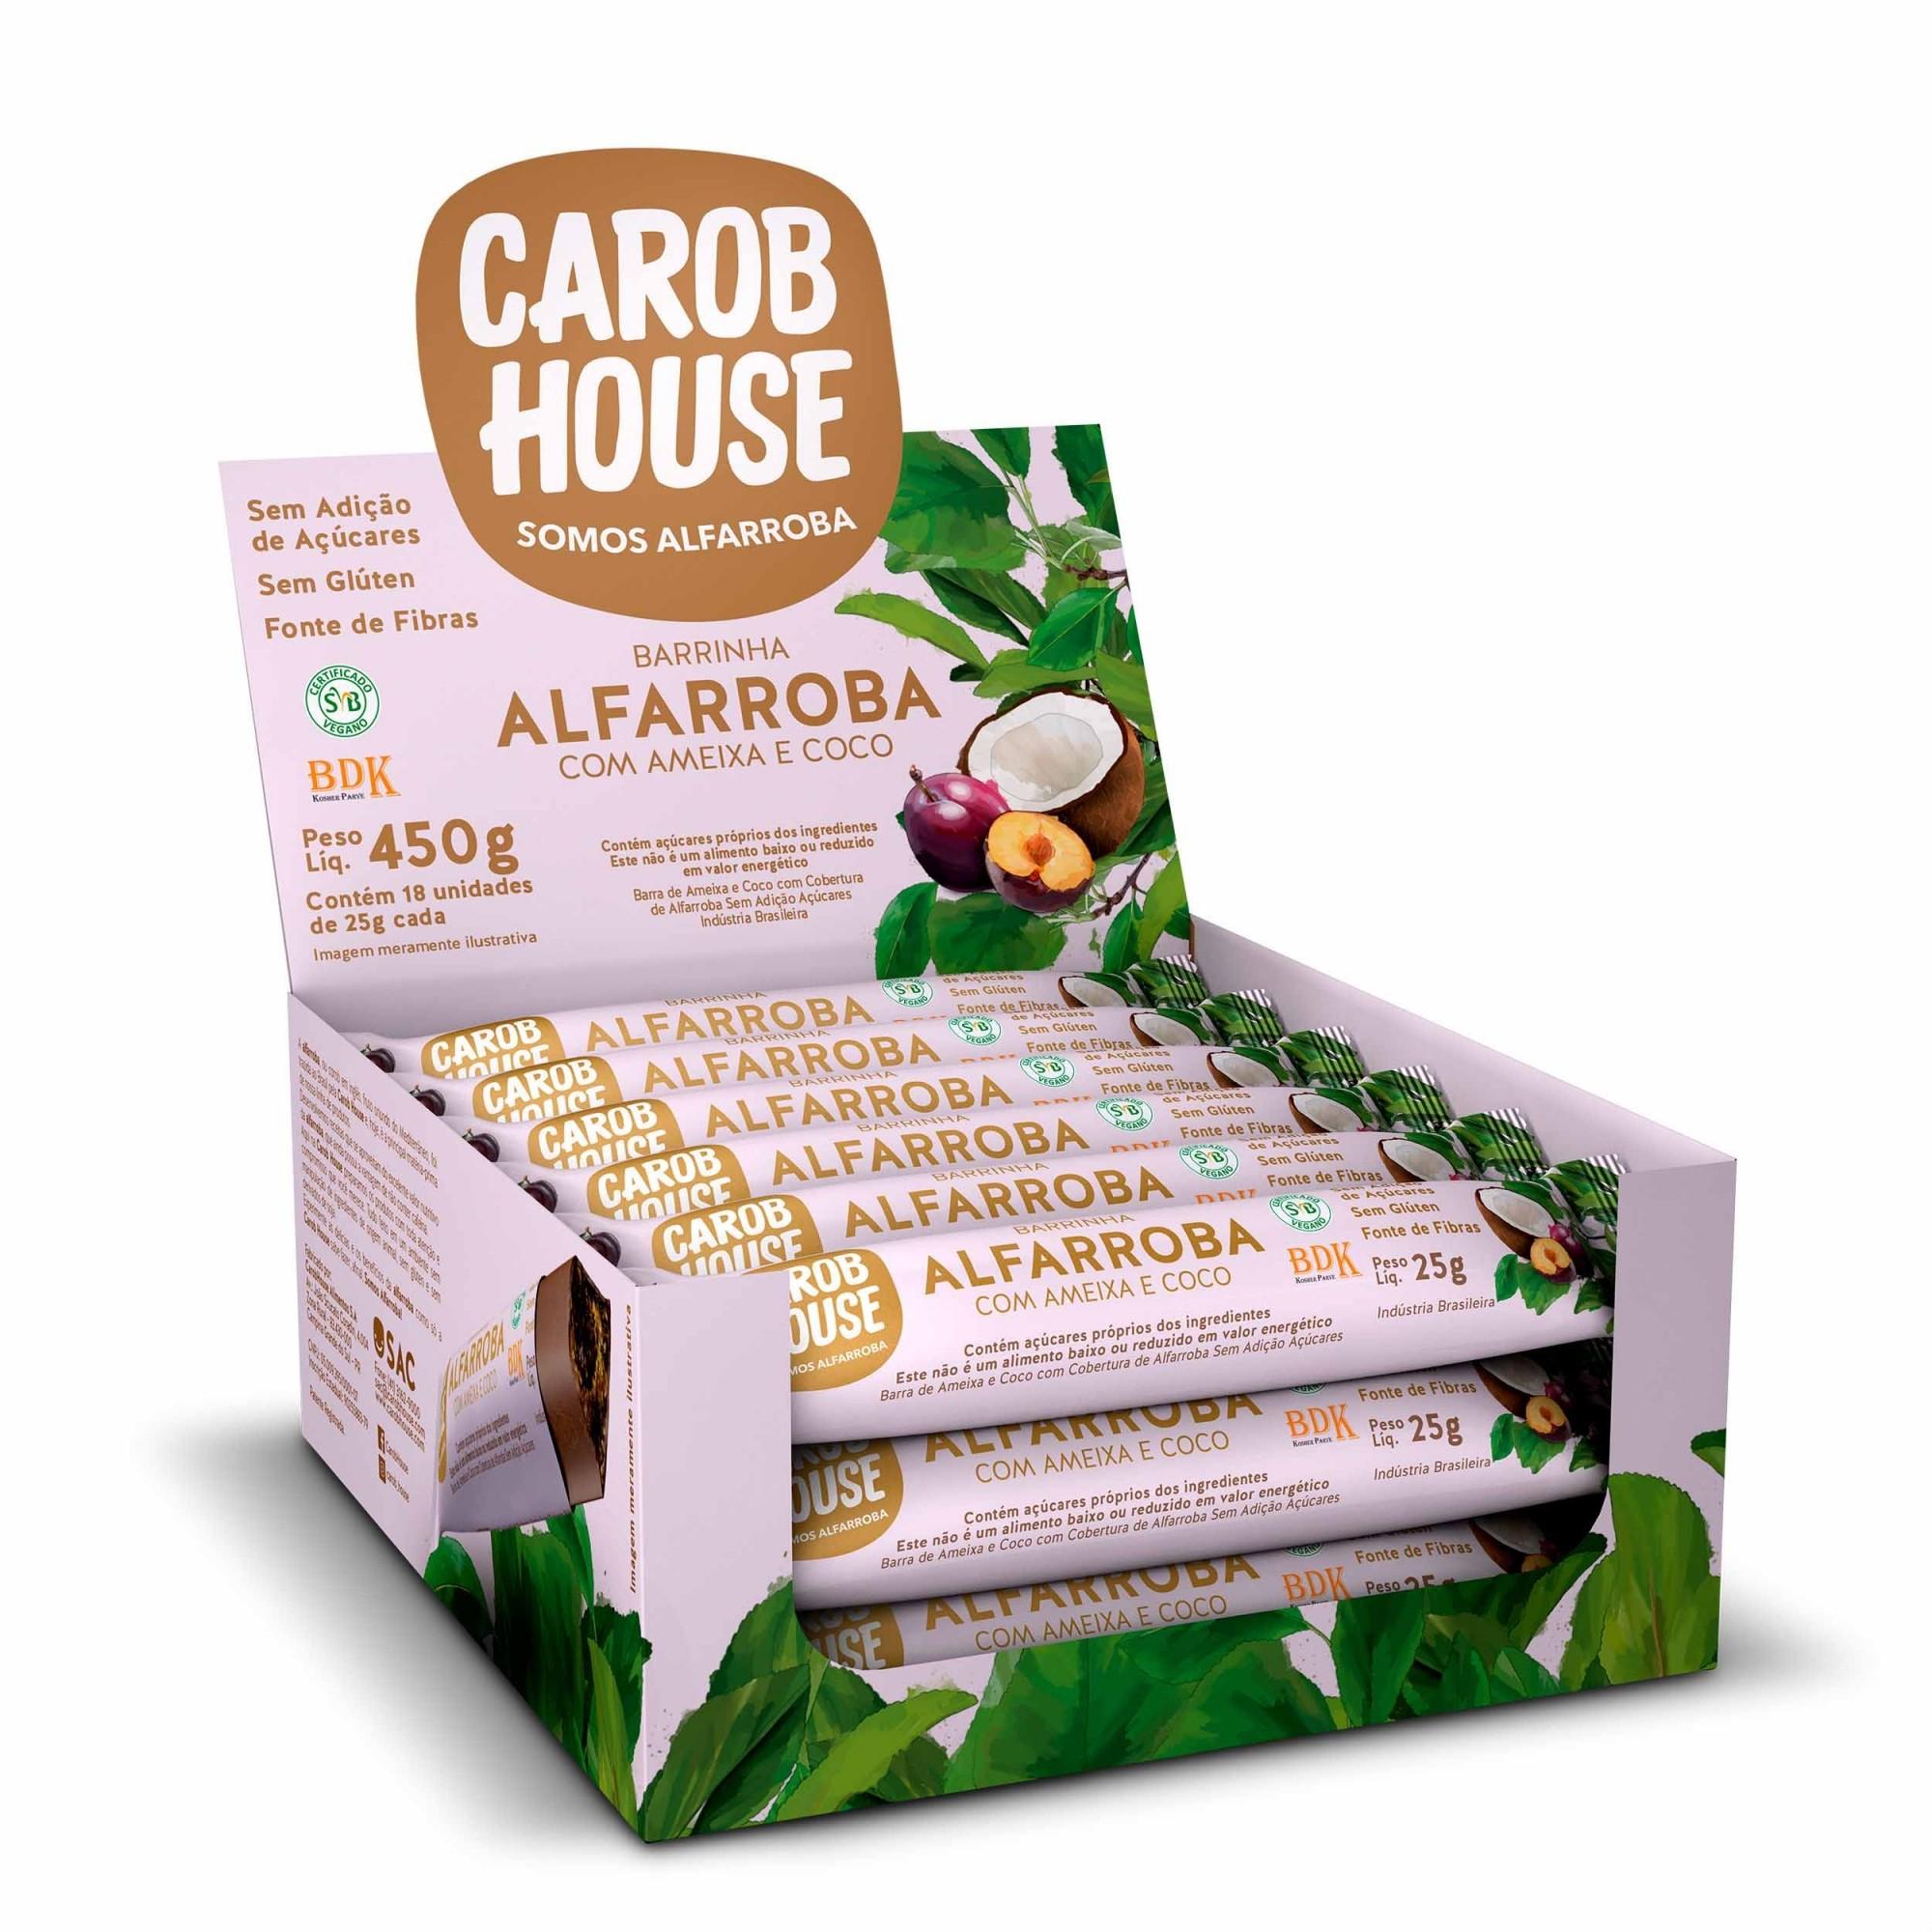 Barrinha de Alfarroba com Ameixa e Coco Sem Açúcar 25g x 18 - Carob House